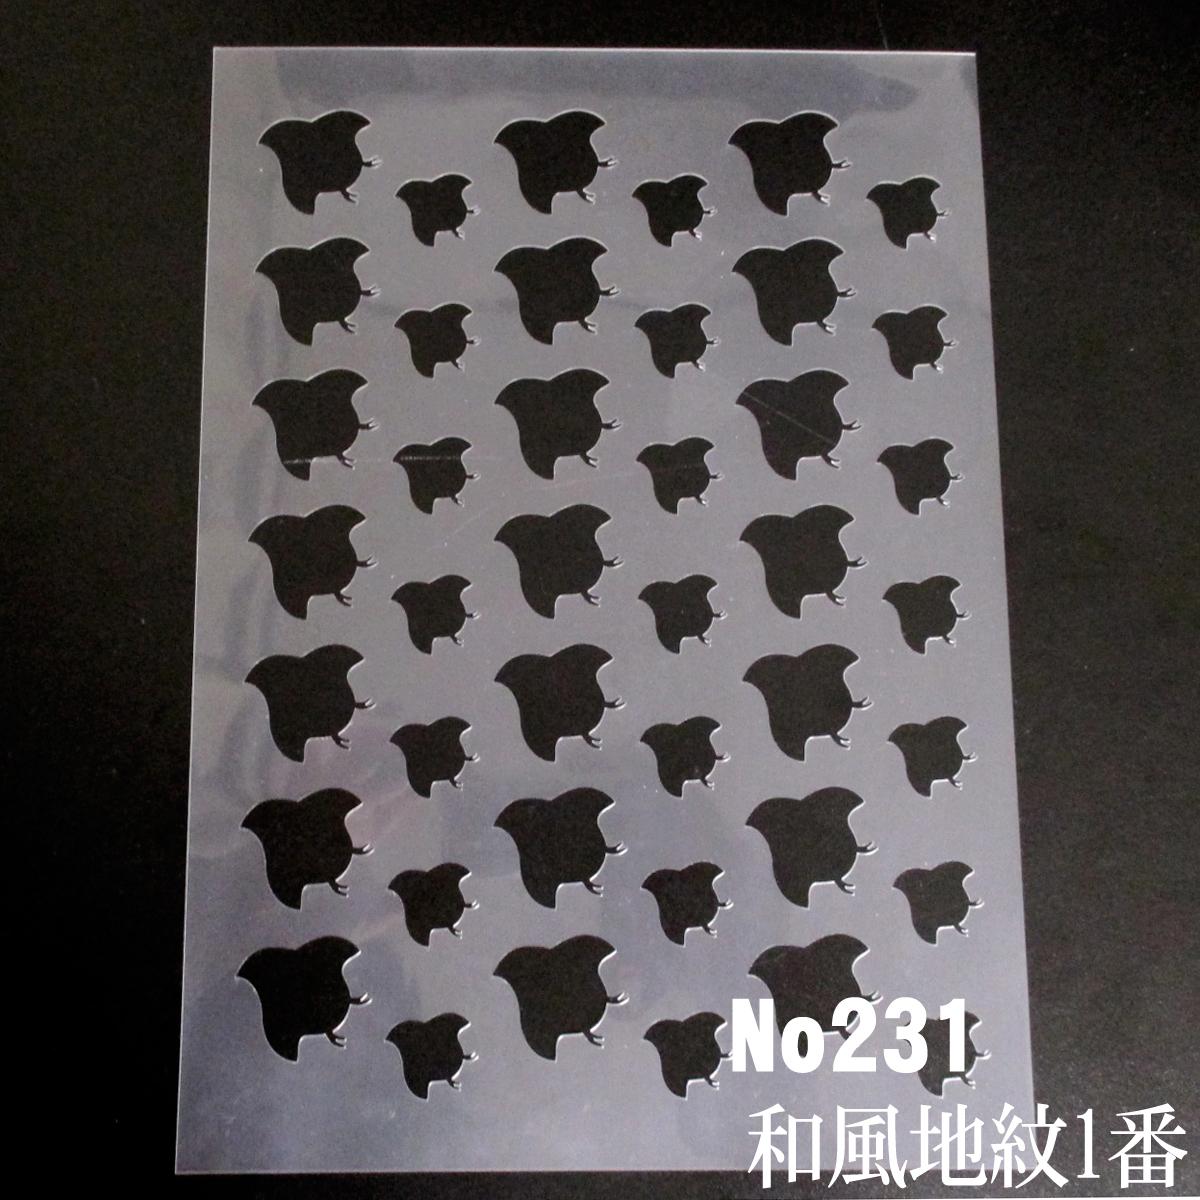 千鳥柄 和風地紋①番 ステンシルシート 型紙図案 NO231_画像3